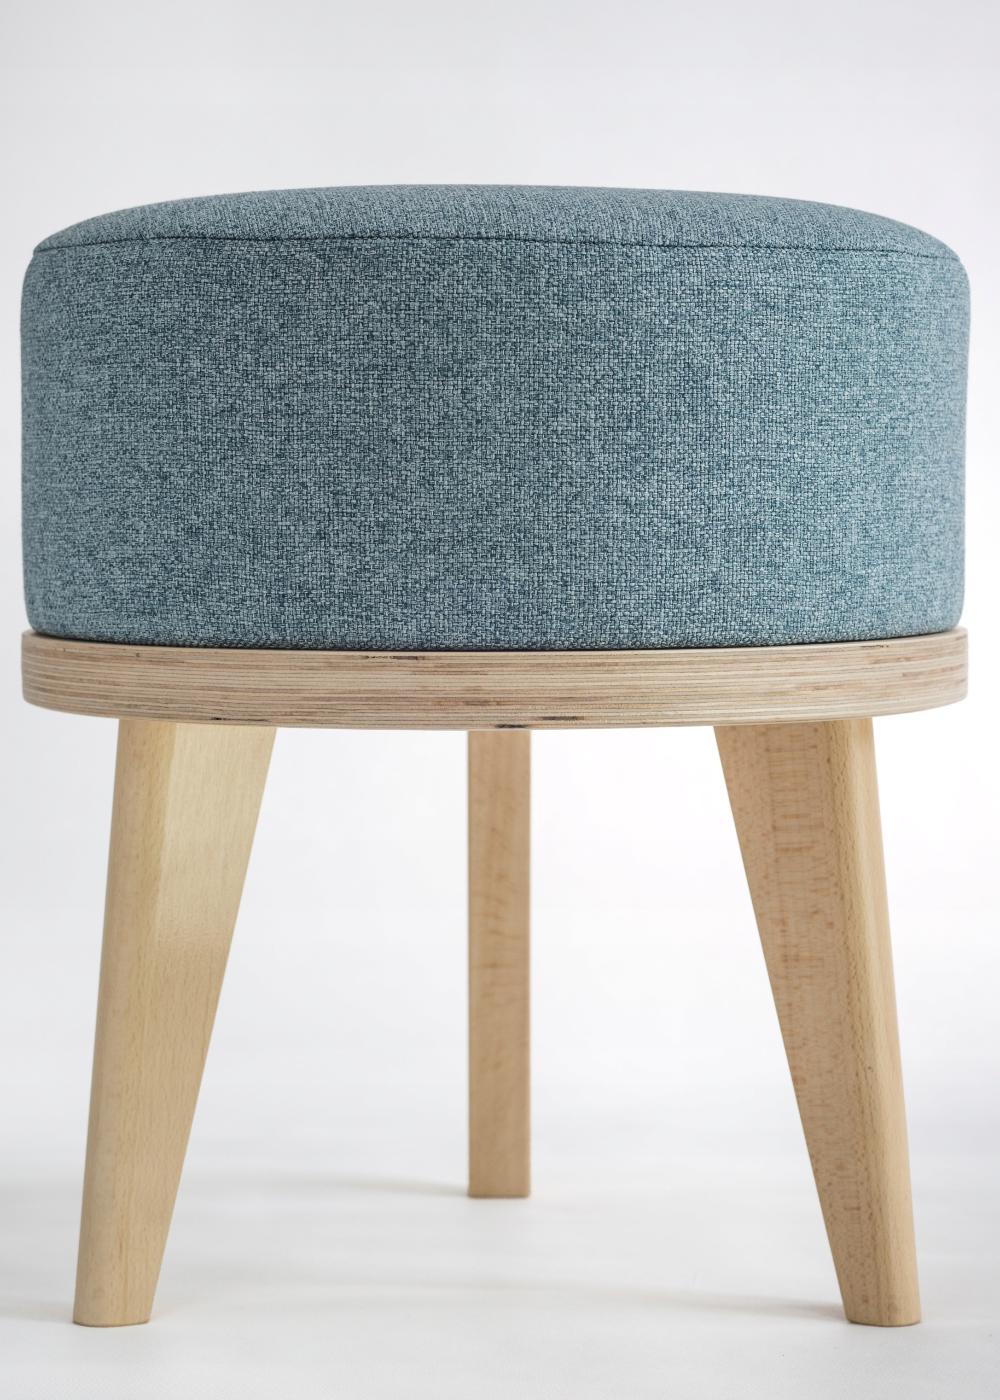 Pufa Design 9115253592 Oficjalne Archiwum Allegro Furniture Decor Home Decor